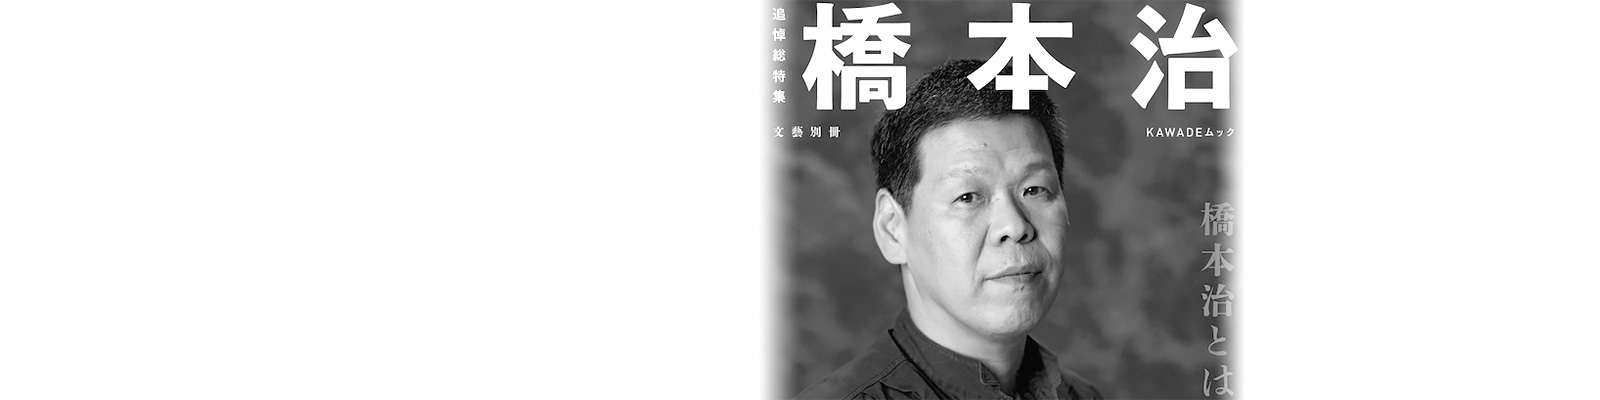 橋本治とは何だったのか? 高橋源一郎×安藤礼二 特別対談